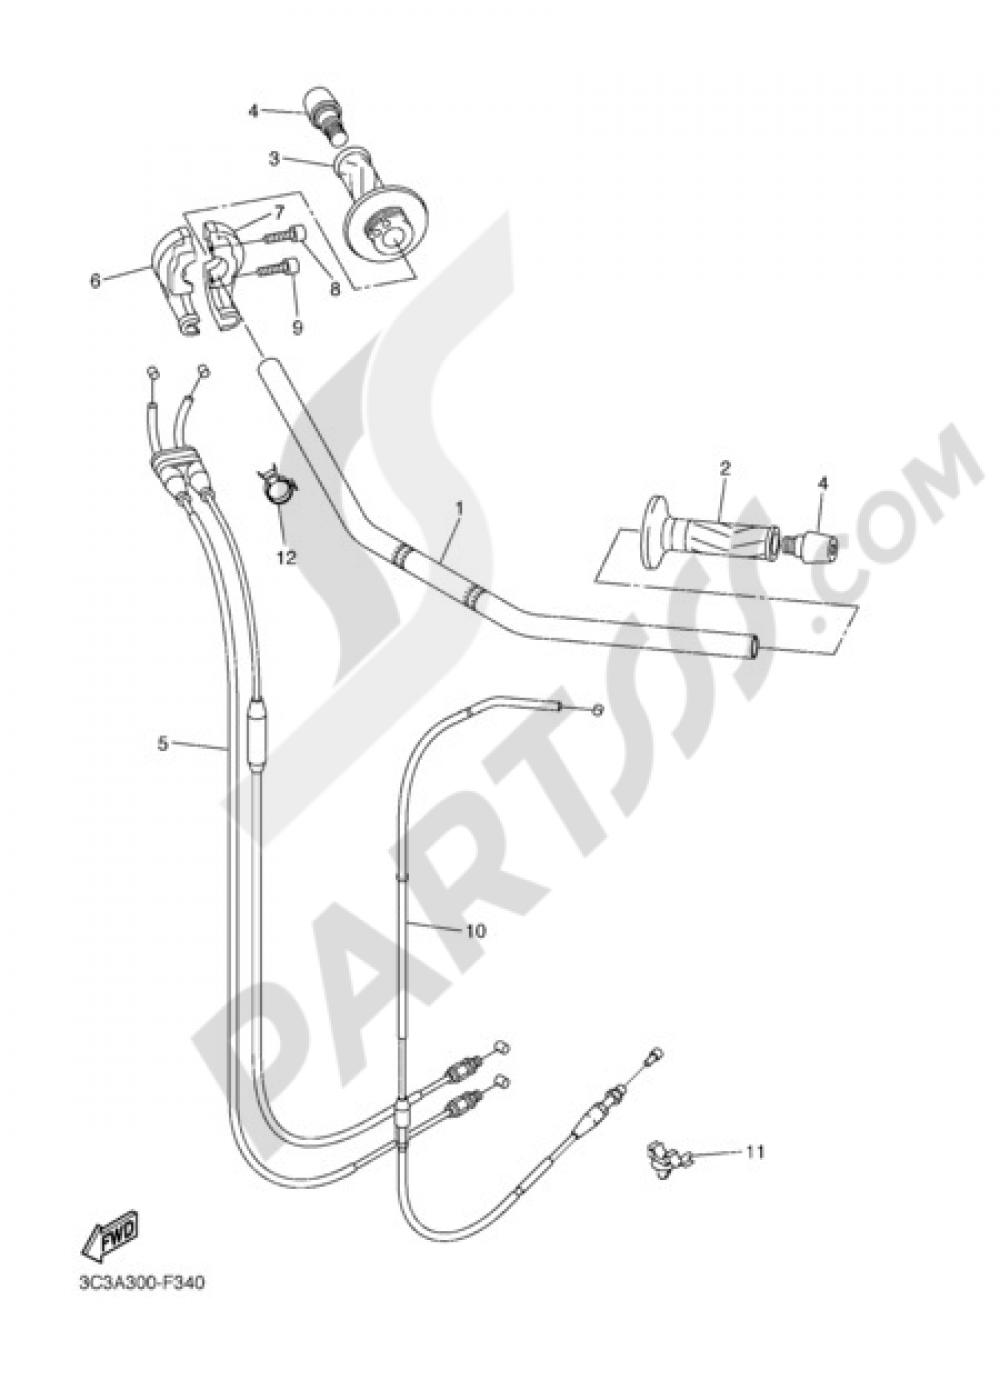 HANDELBAR AND CABLES Yamaha FZ1 Fazer ABS 2011